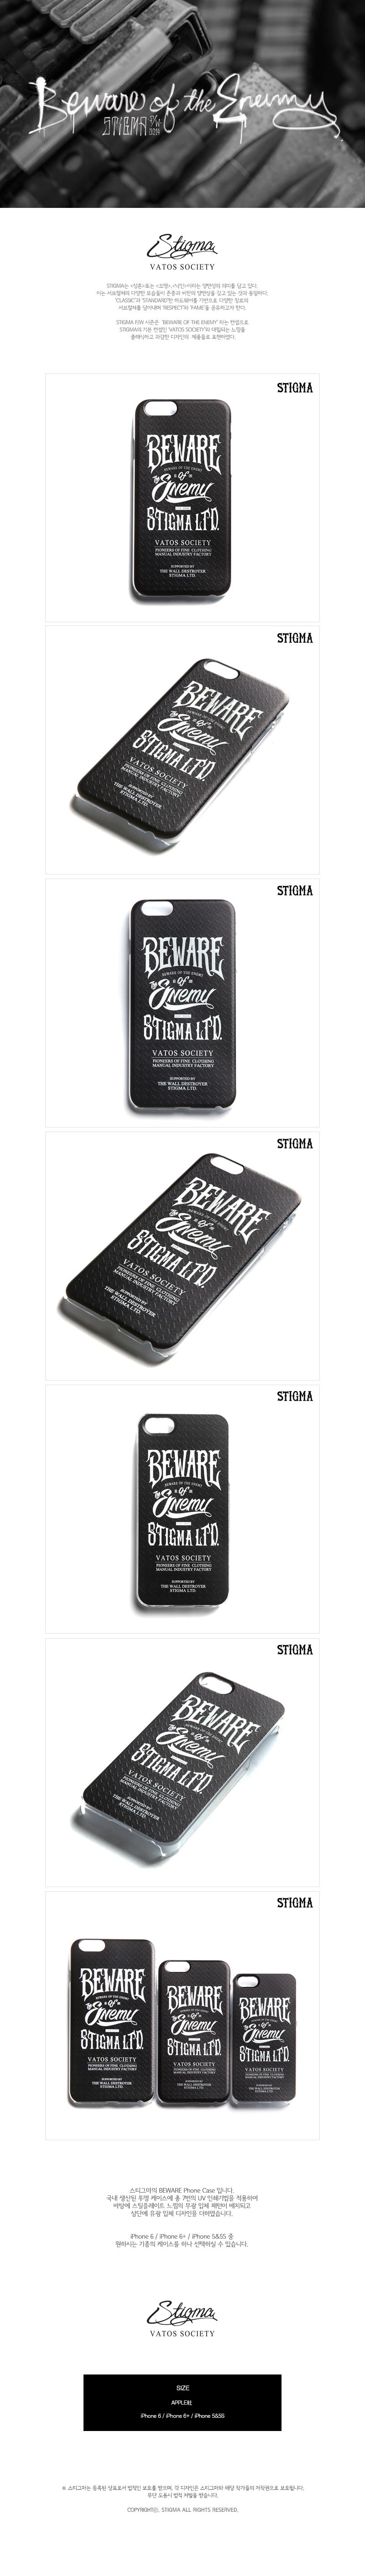 스티그마STIGMA PHONE CASE BEWARE BLACK iPHONE6/6+/5S